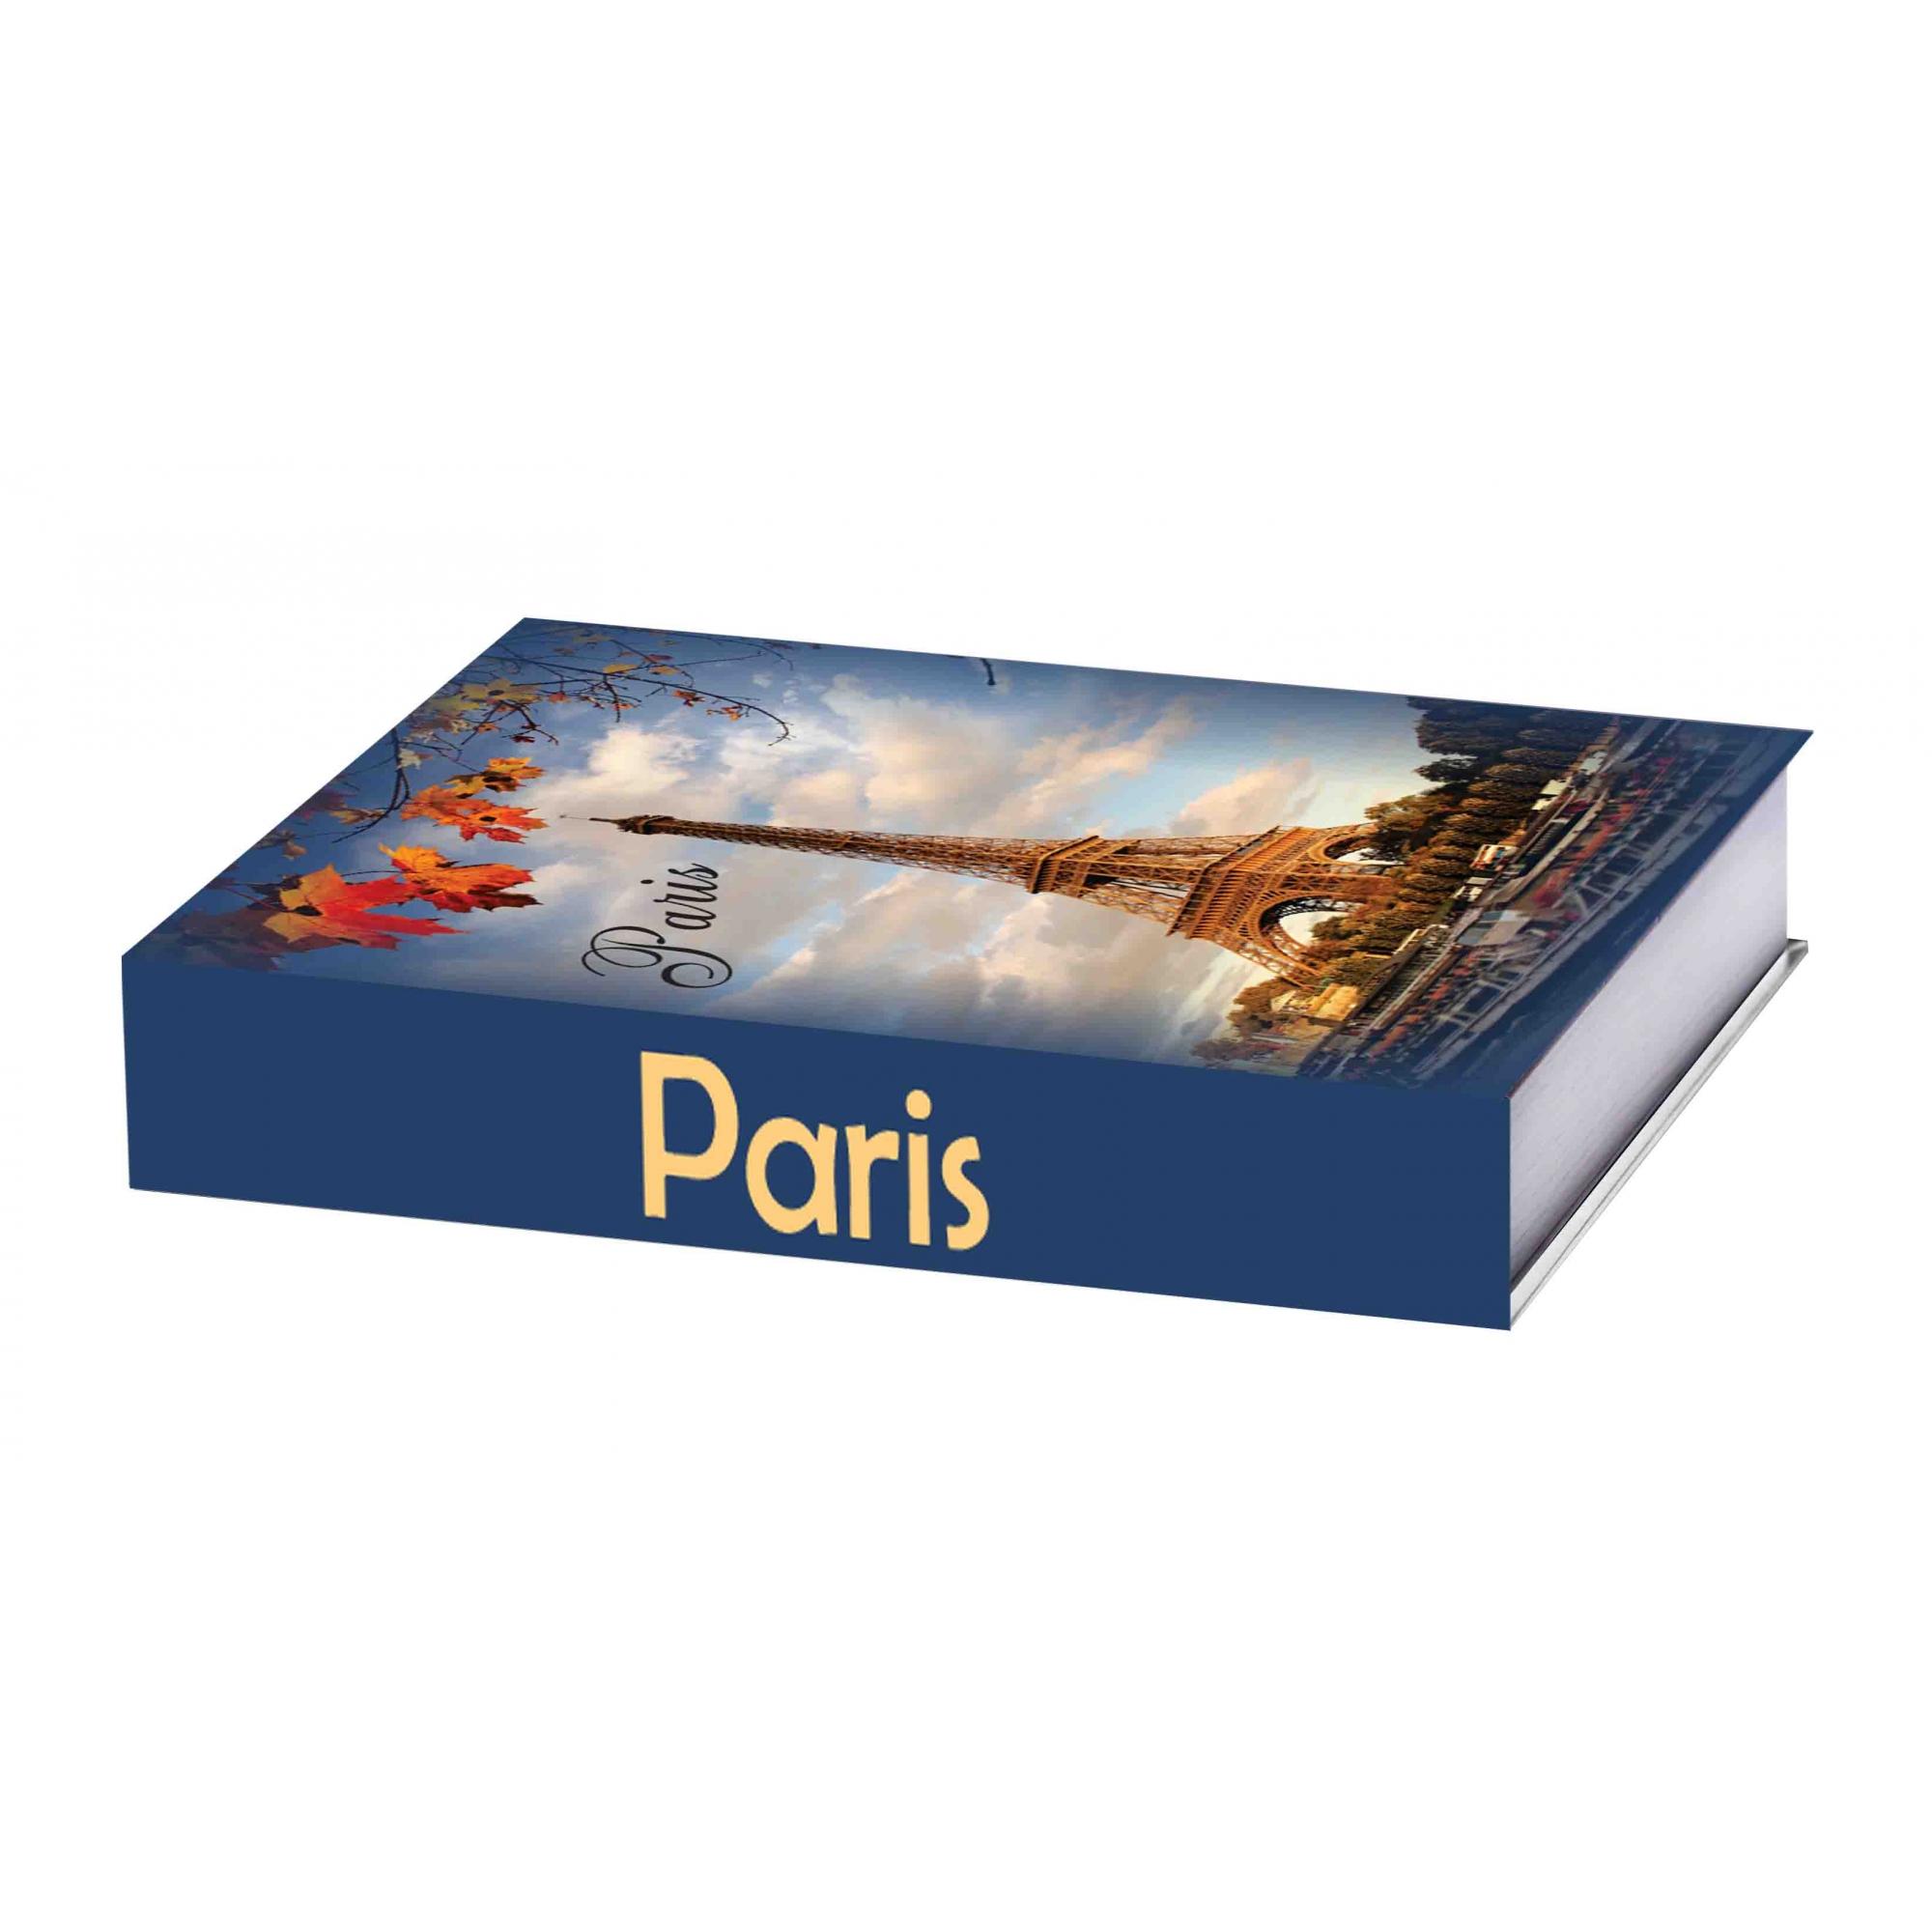 Caixa Livro Paris Outono 25X18X4,5cm